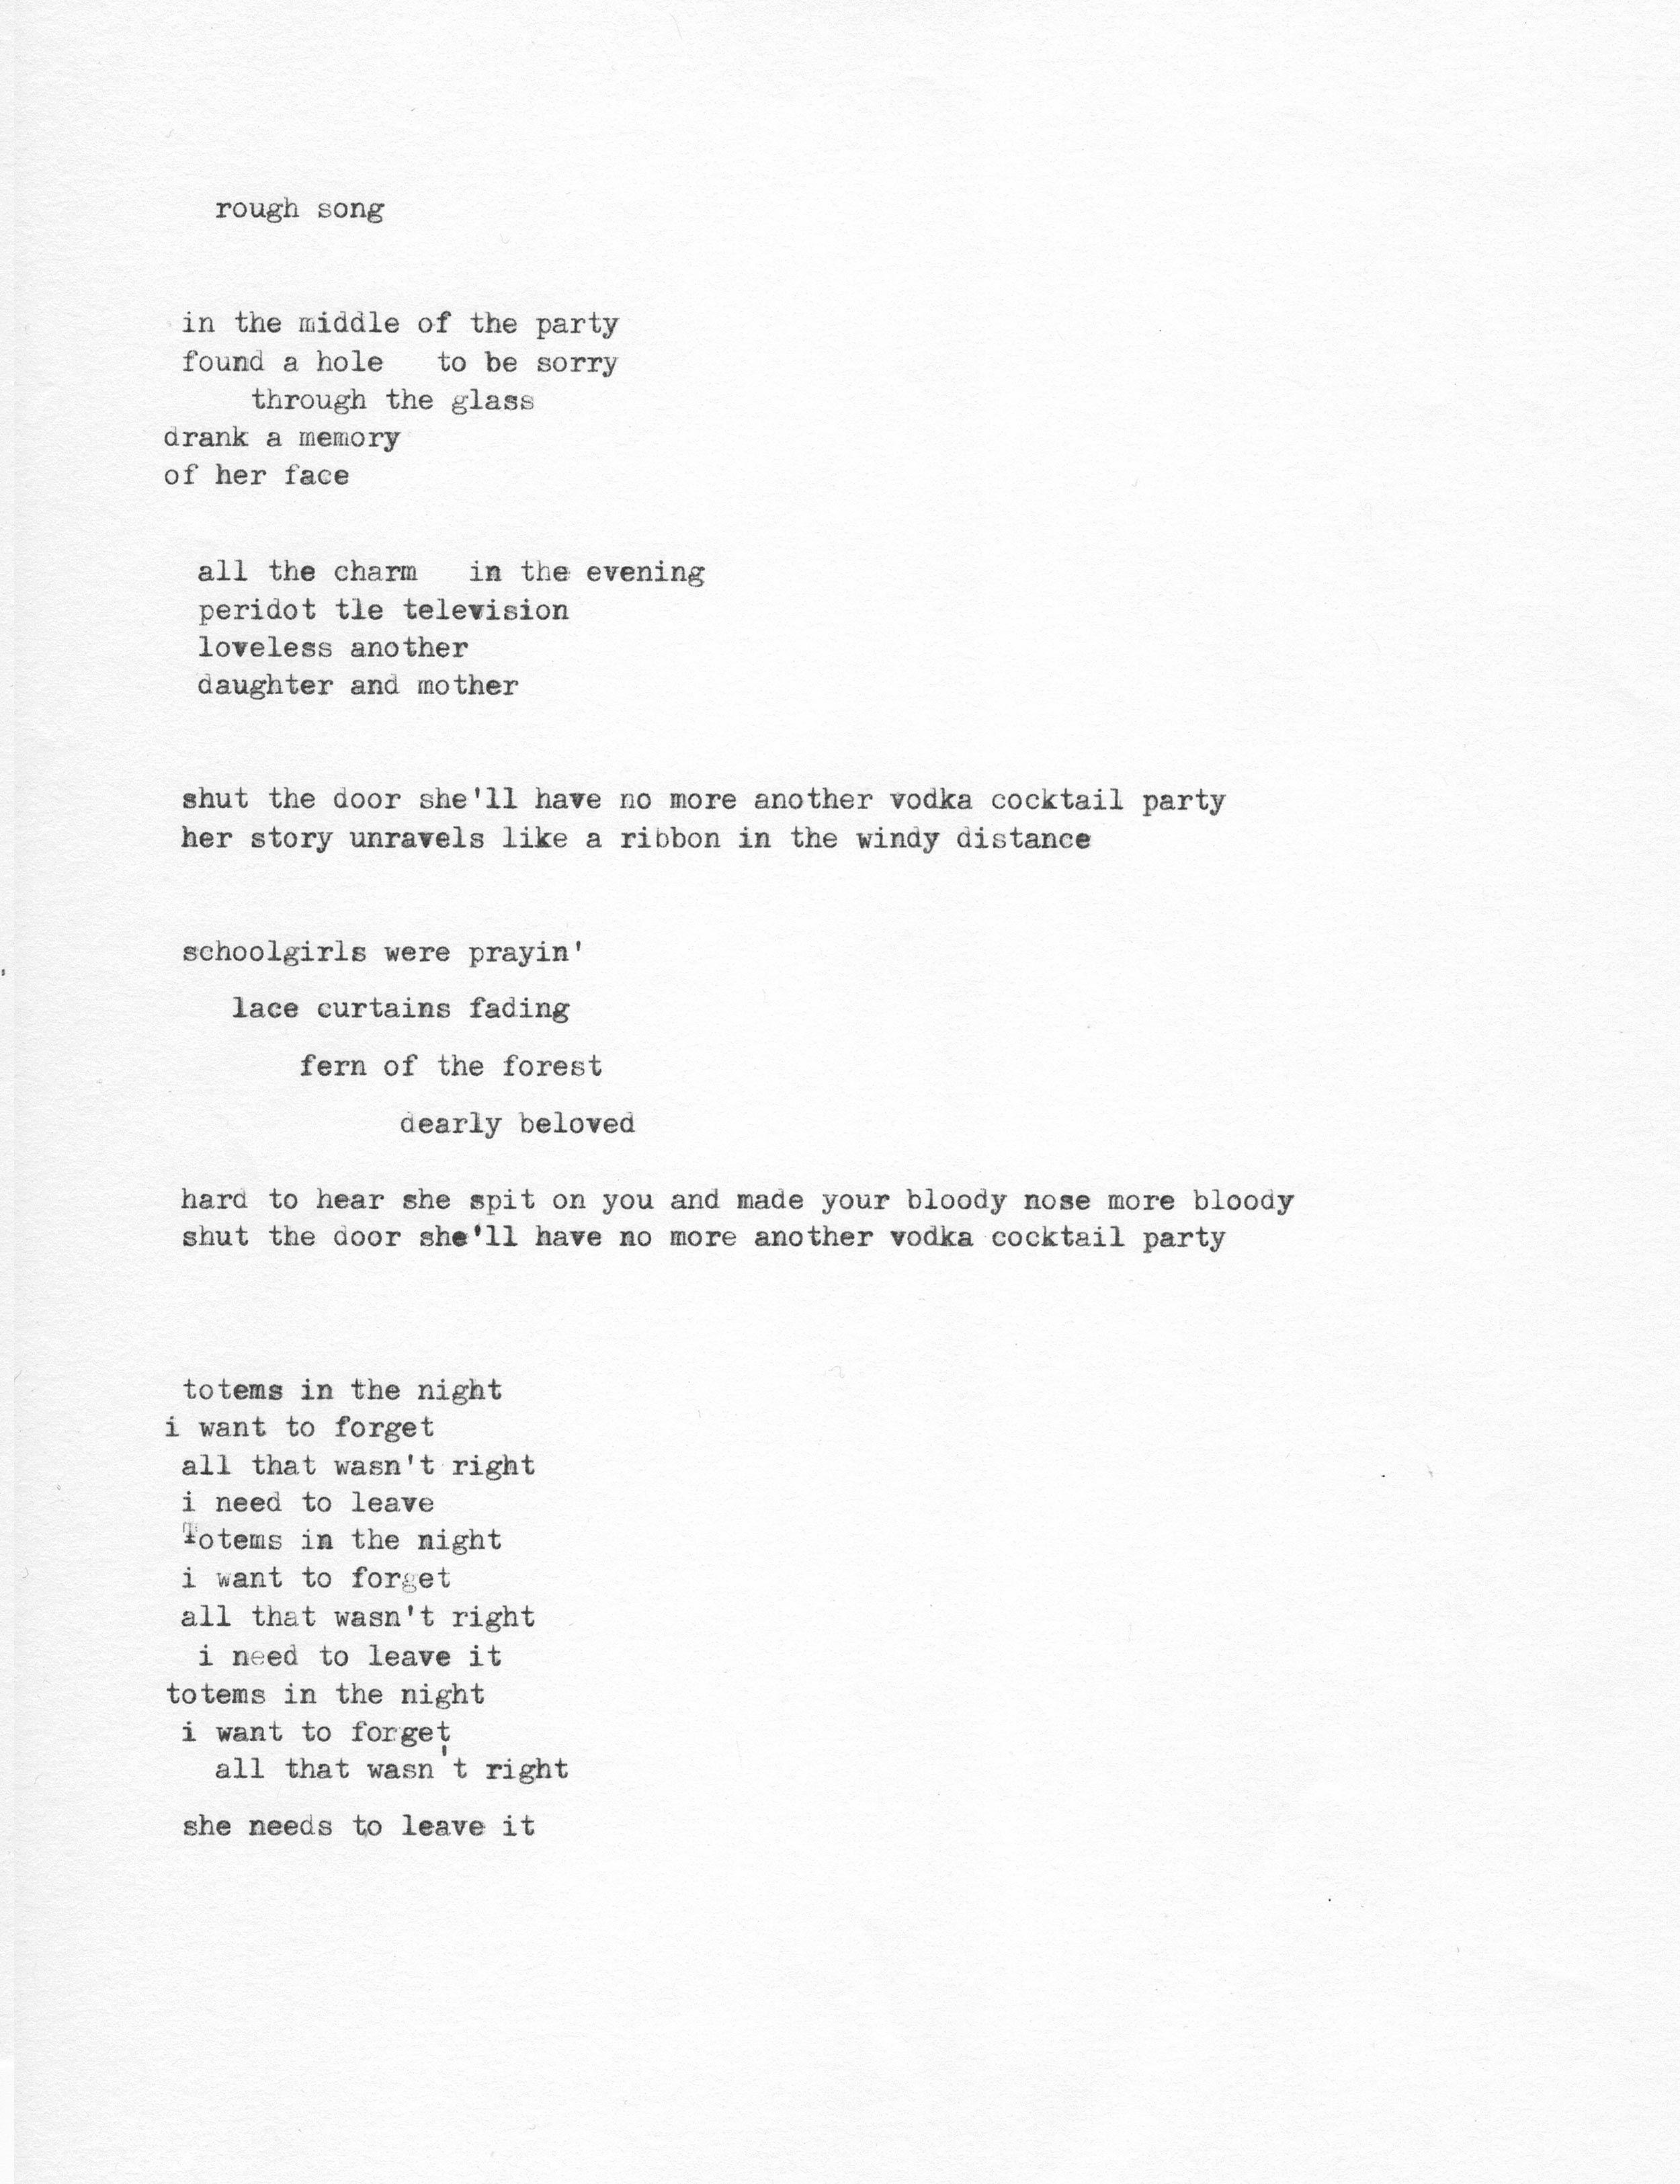 The Hours Beach House Lyrics : hours, beach, house, lyrics, Beach, House, Rough, Lyrics, Songs,, Vodka, Cocktails,